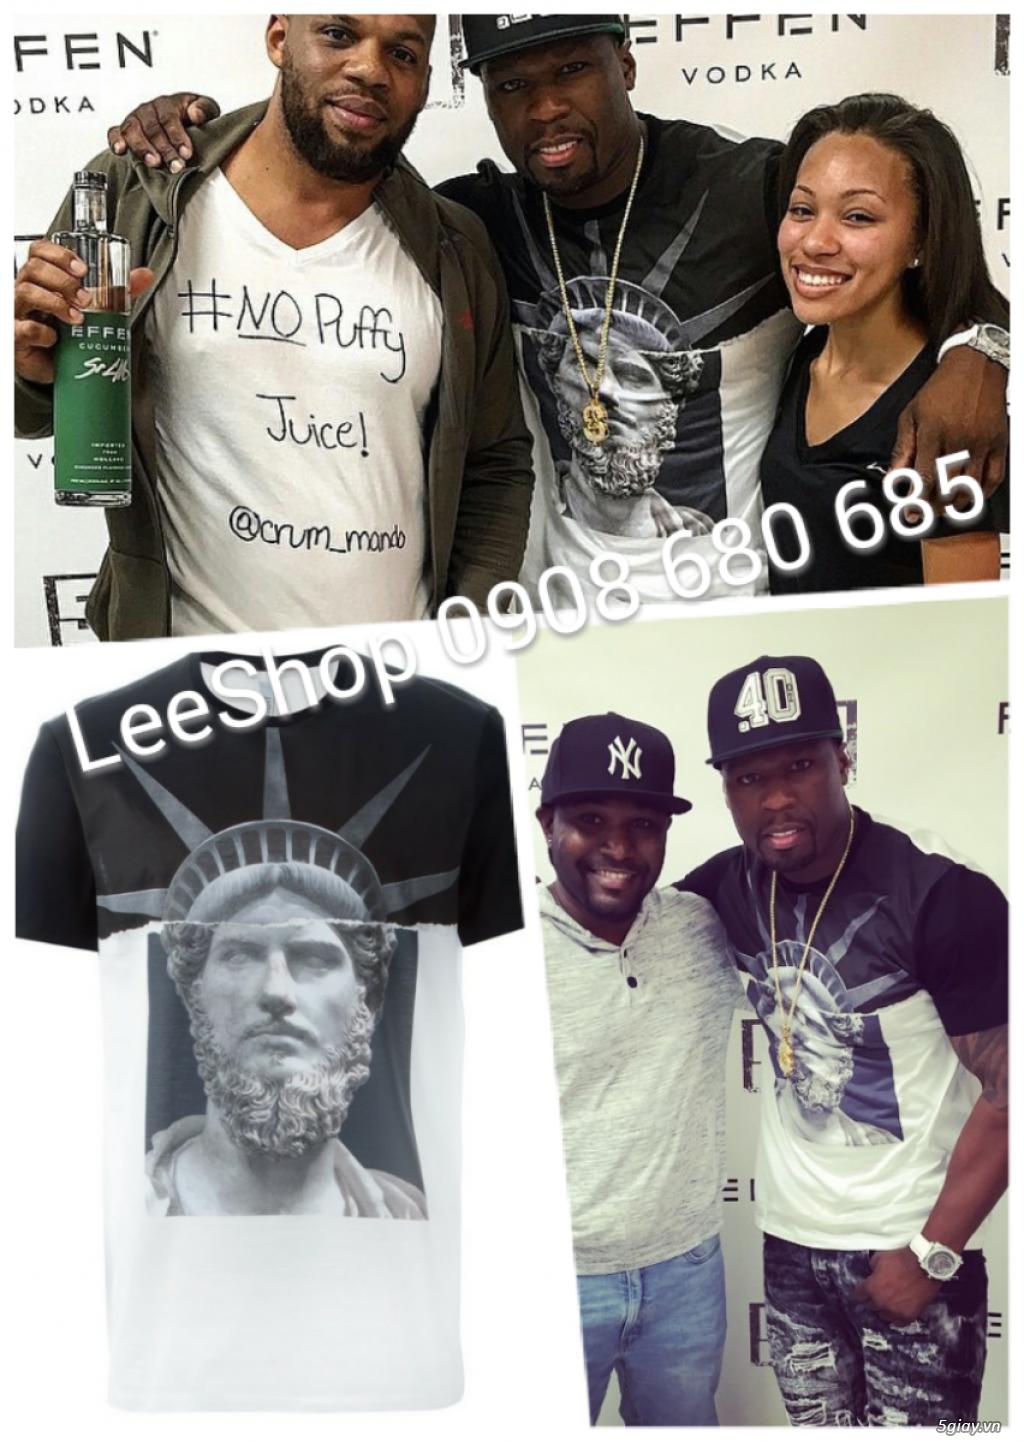 LeeShop_Chuyên quần áo thời trang - 38